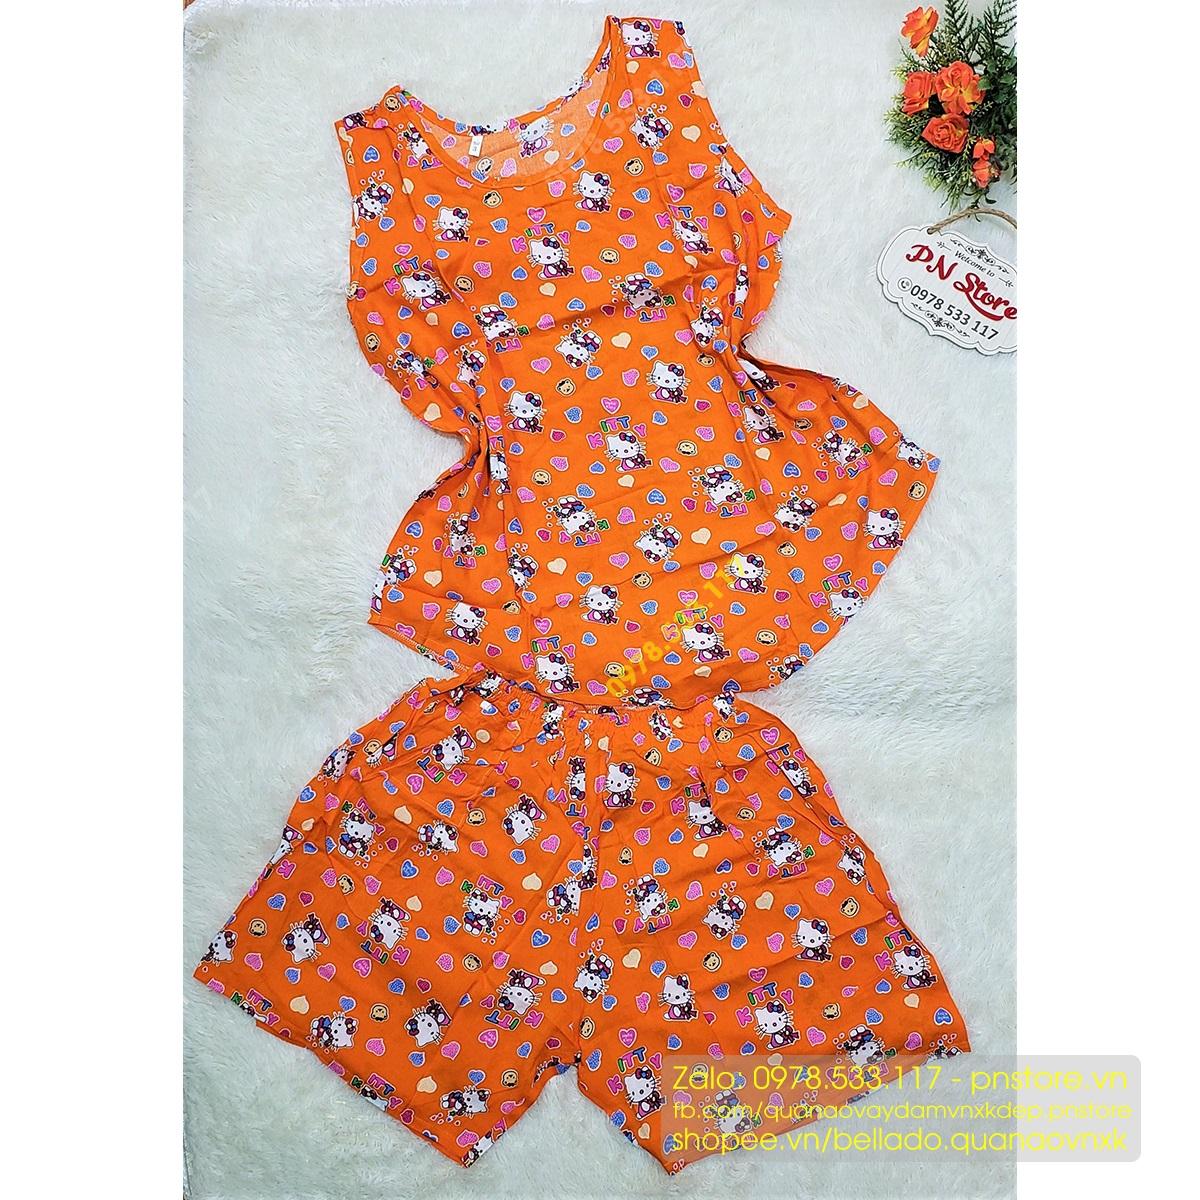 Đồ bộ đùi tole lanh mặc nhà nhiều họa tiết đẹp (đủ size) - PN77733